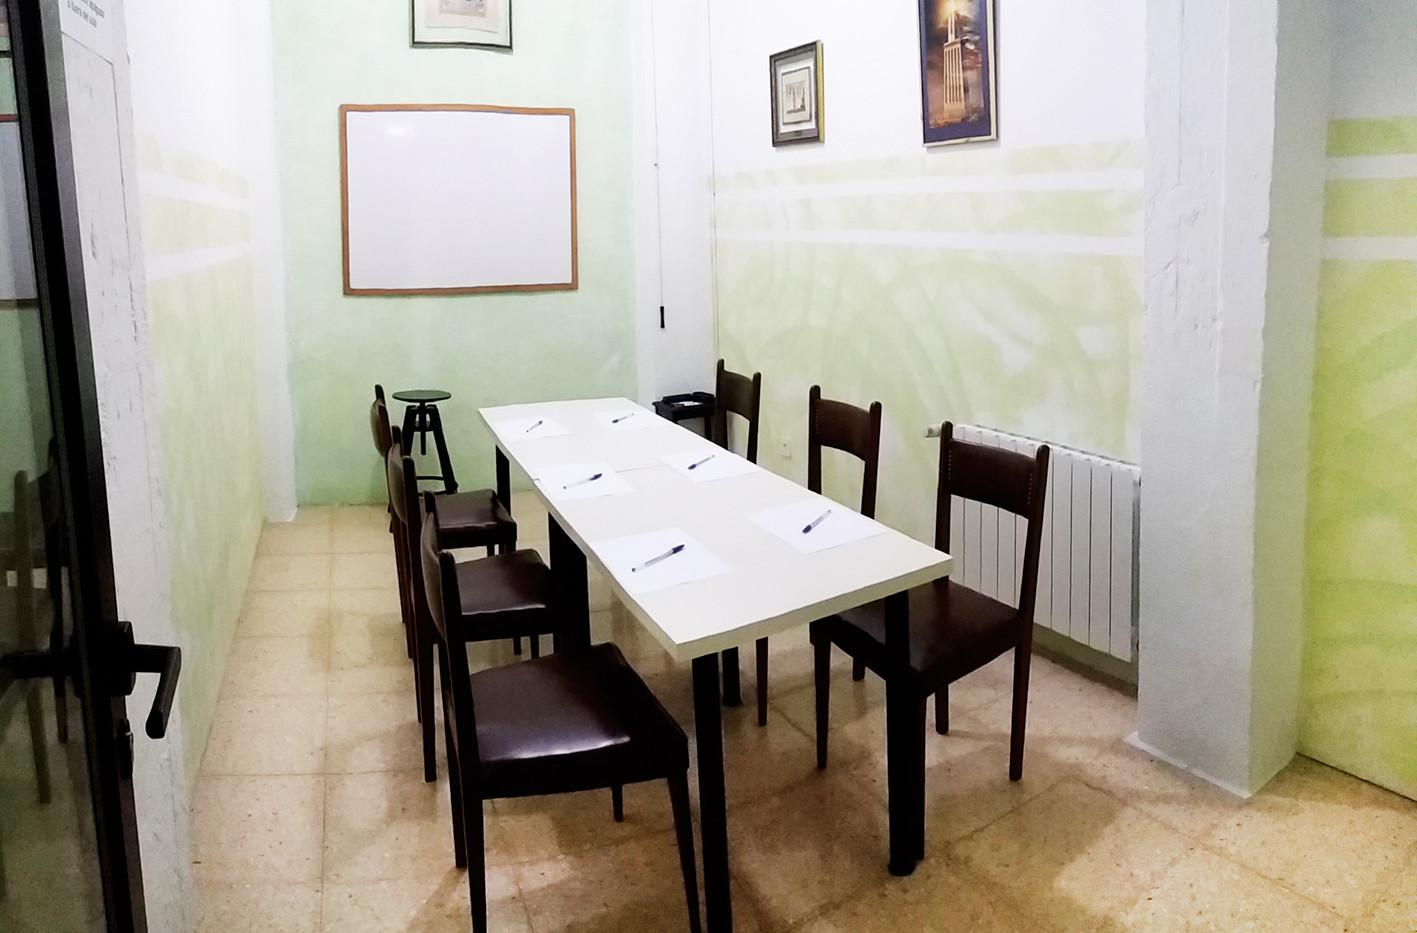 Aula Safo